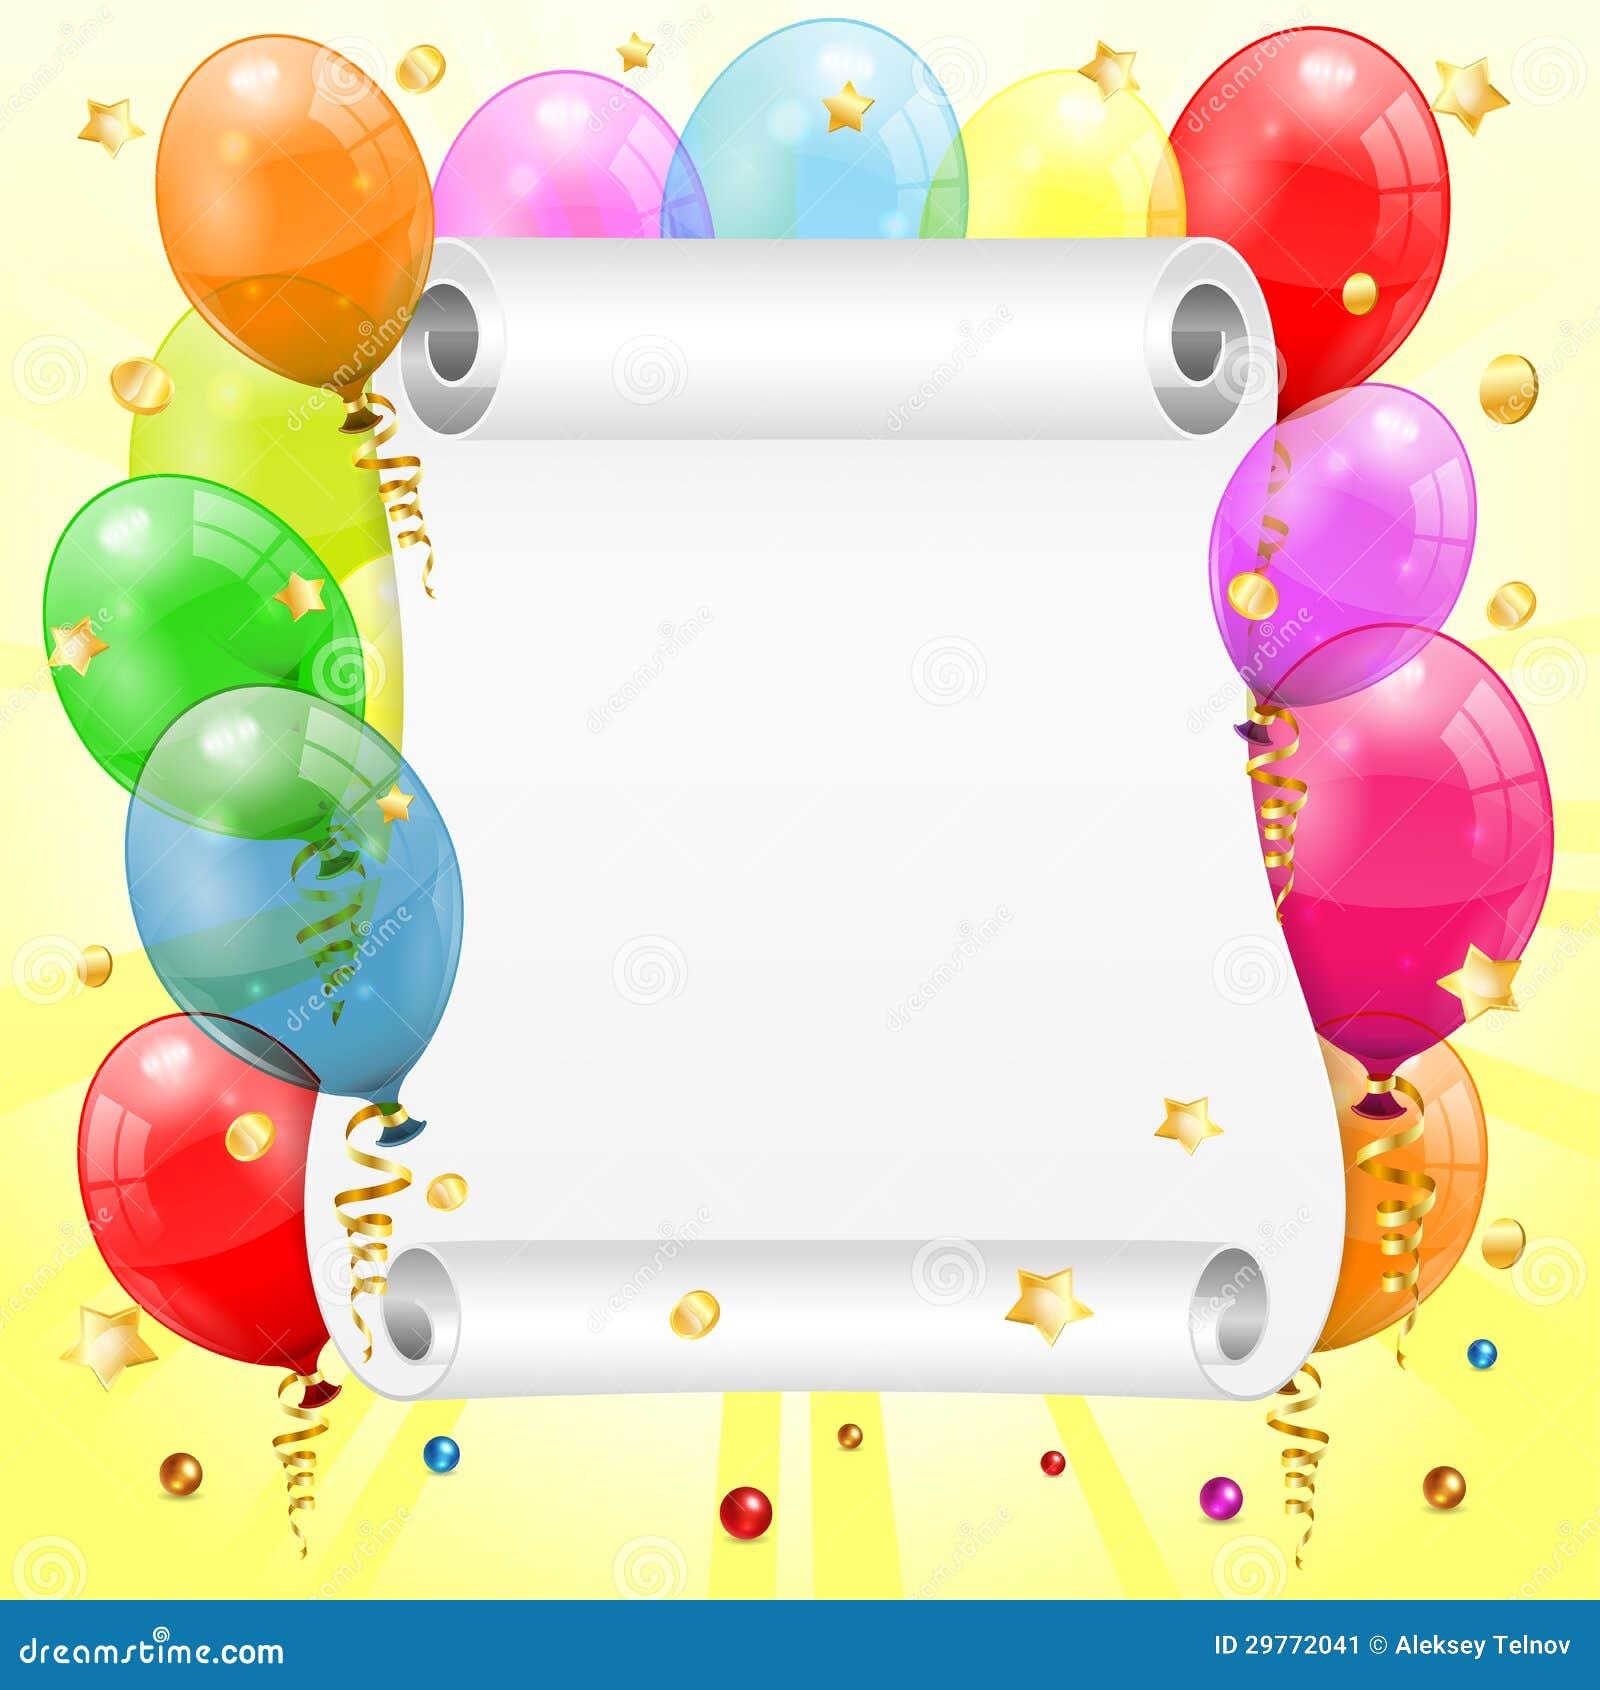 Geburtstags-Rahmen vektor abbildung. Illustration von hell - 29772041